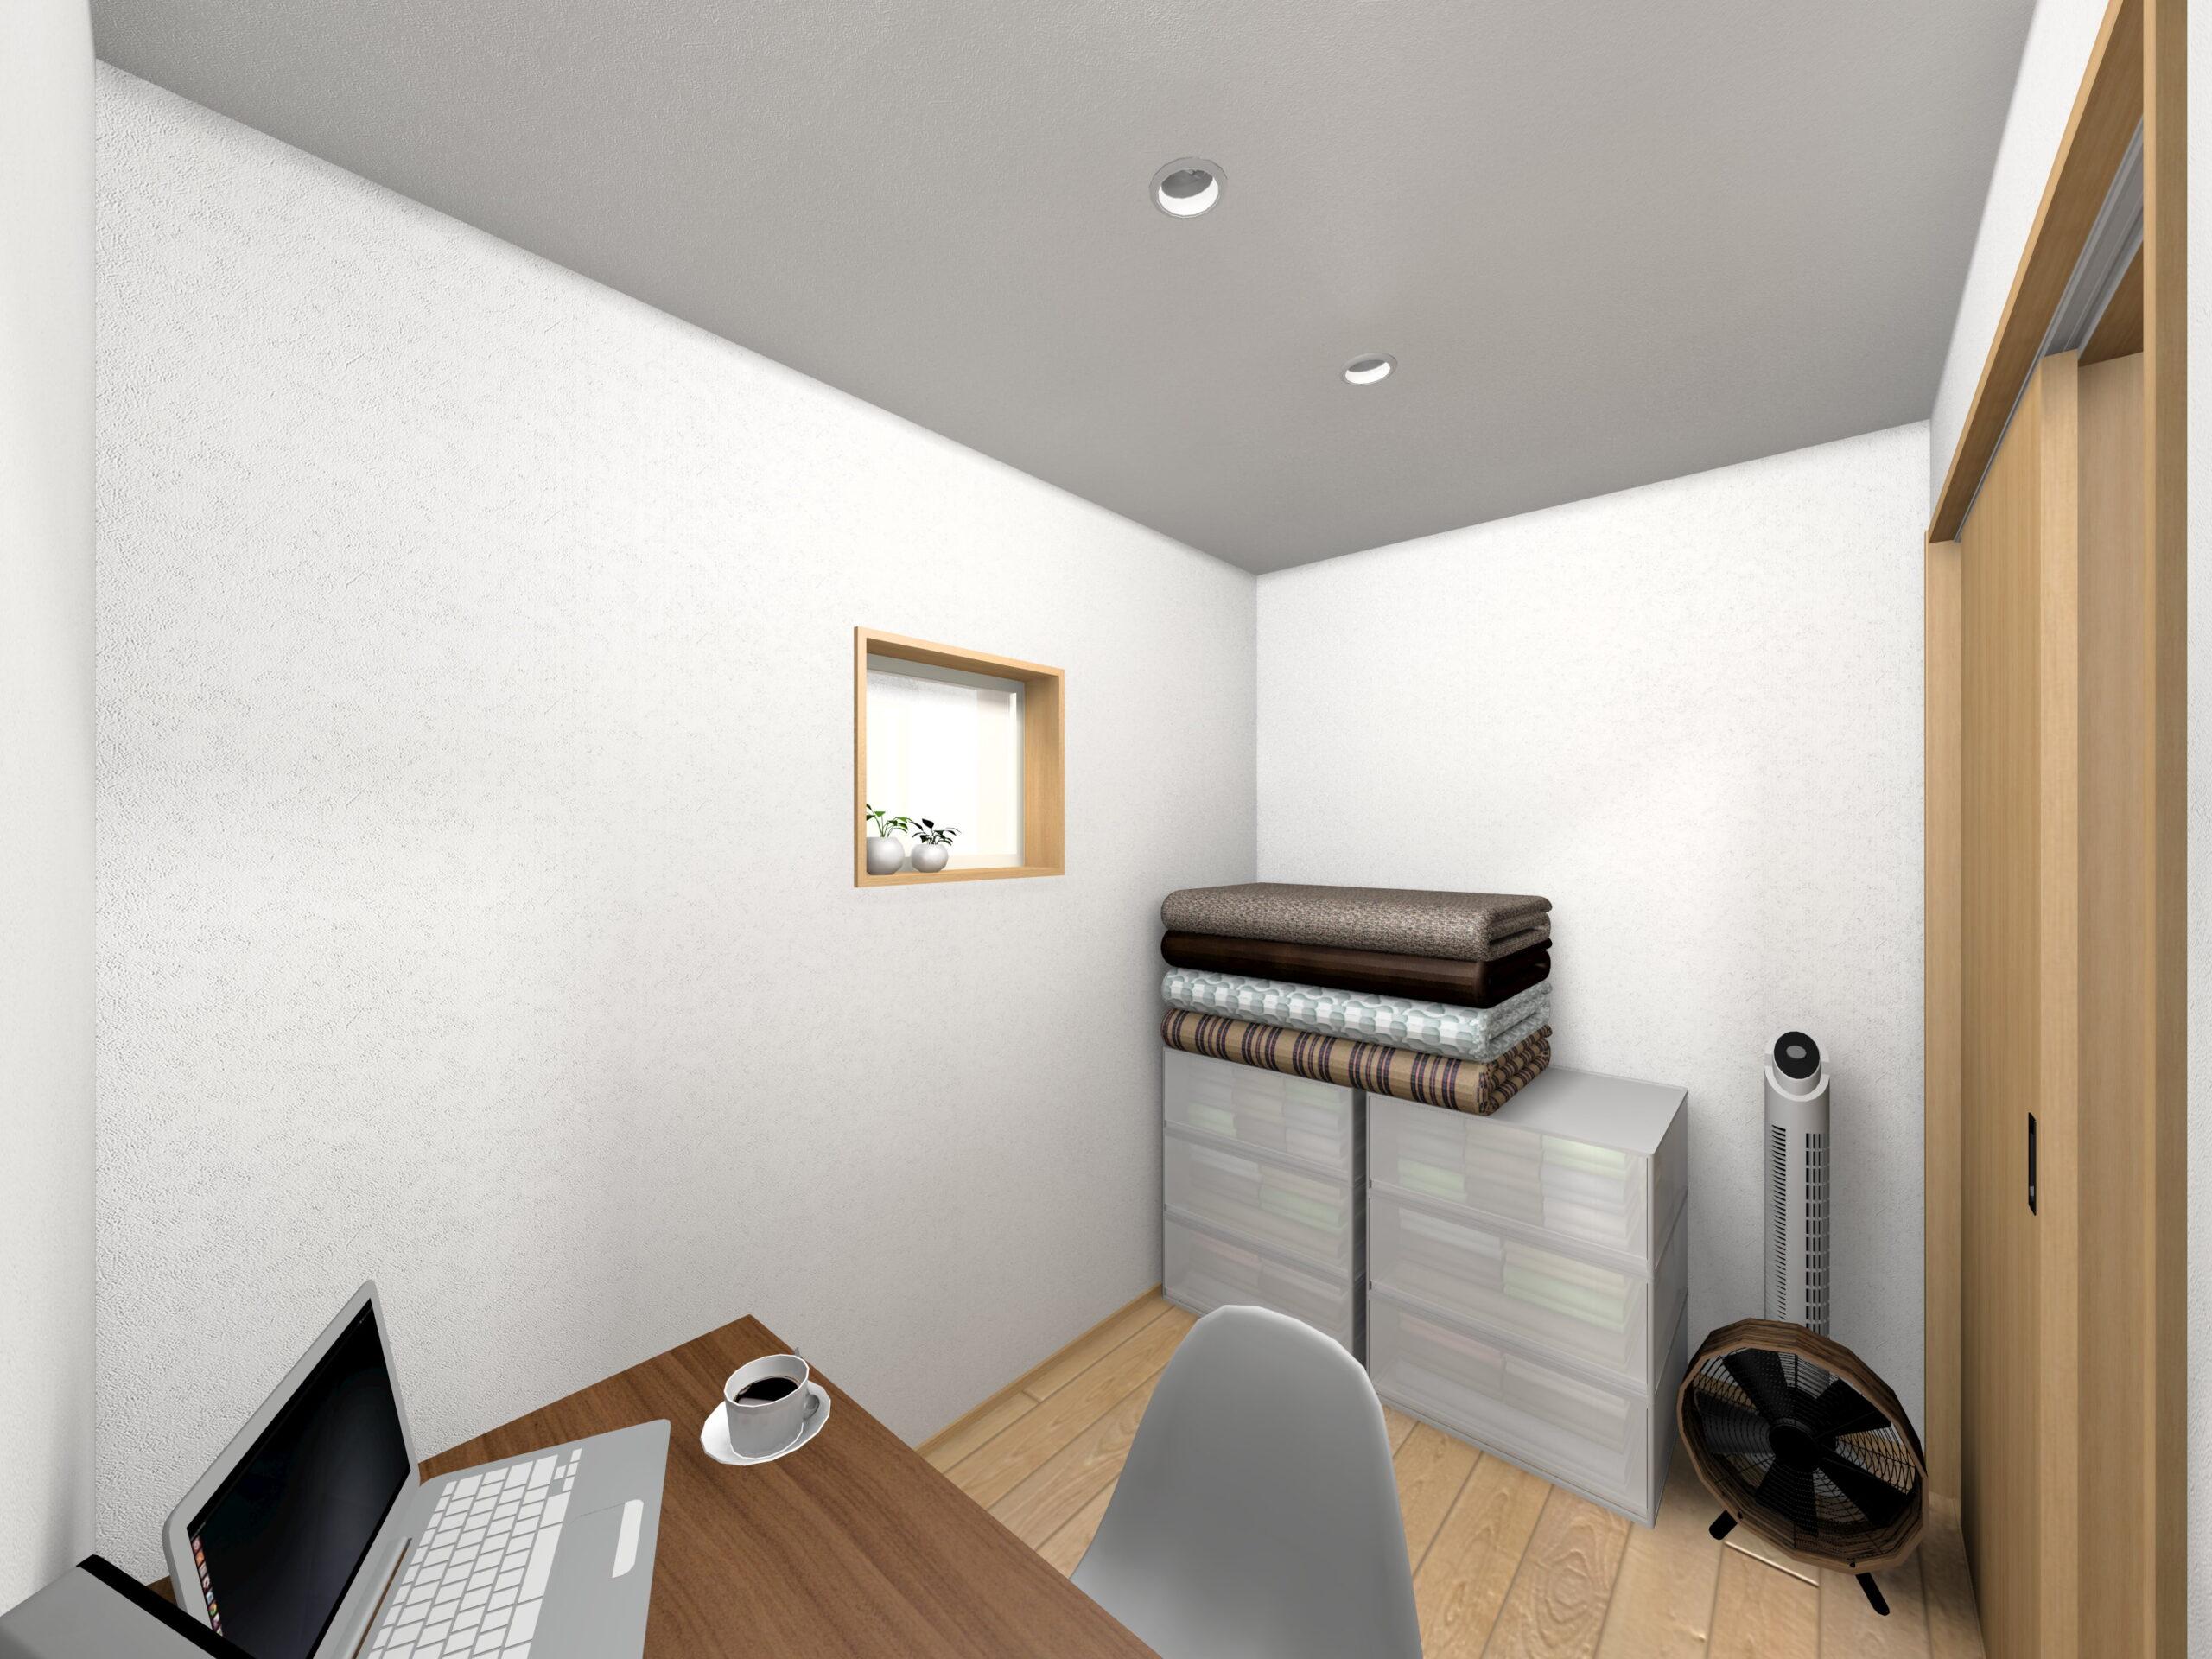 嬉野市新築建売住宅「OURS下野1号地」ファミリークローゼットパース